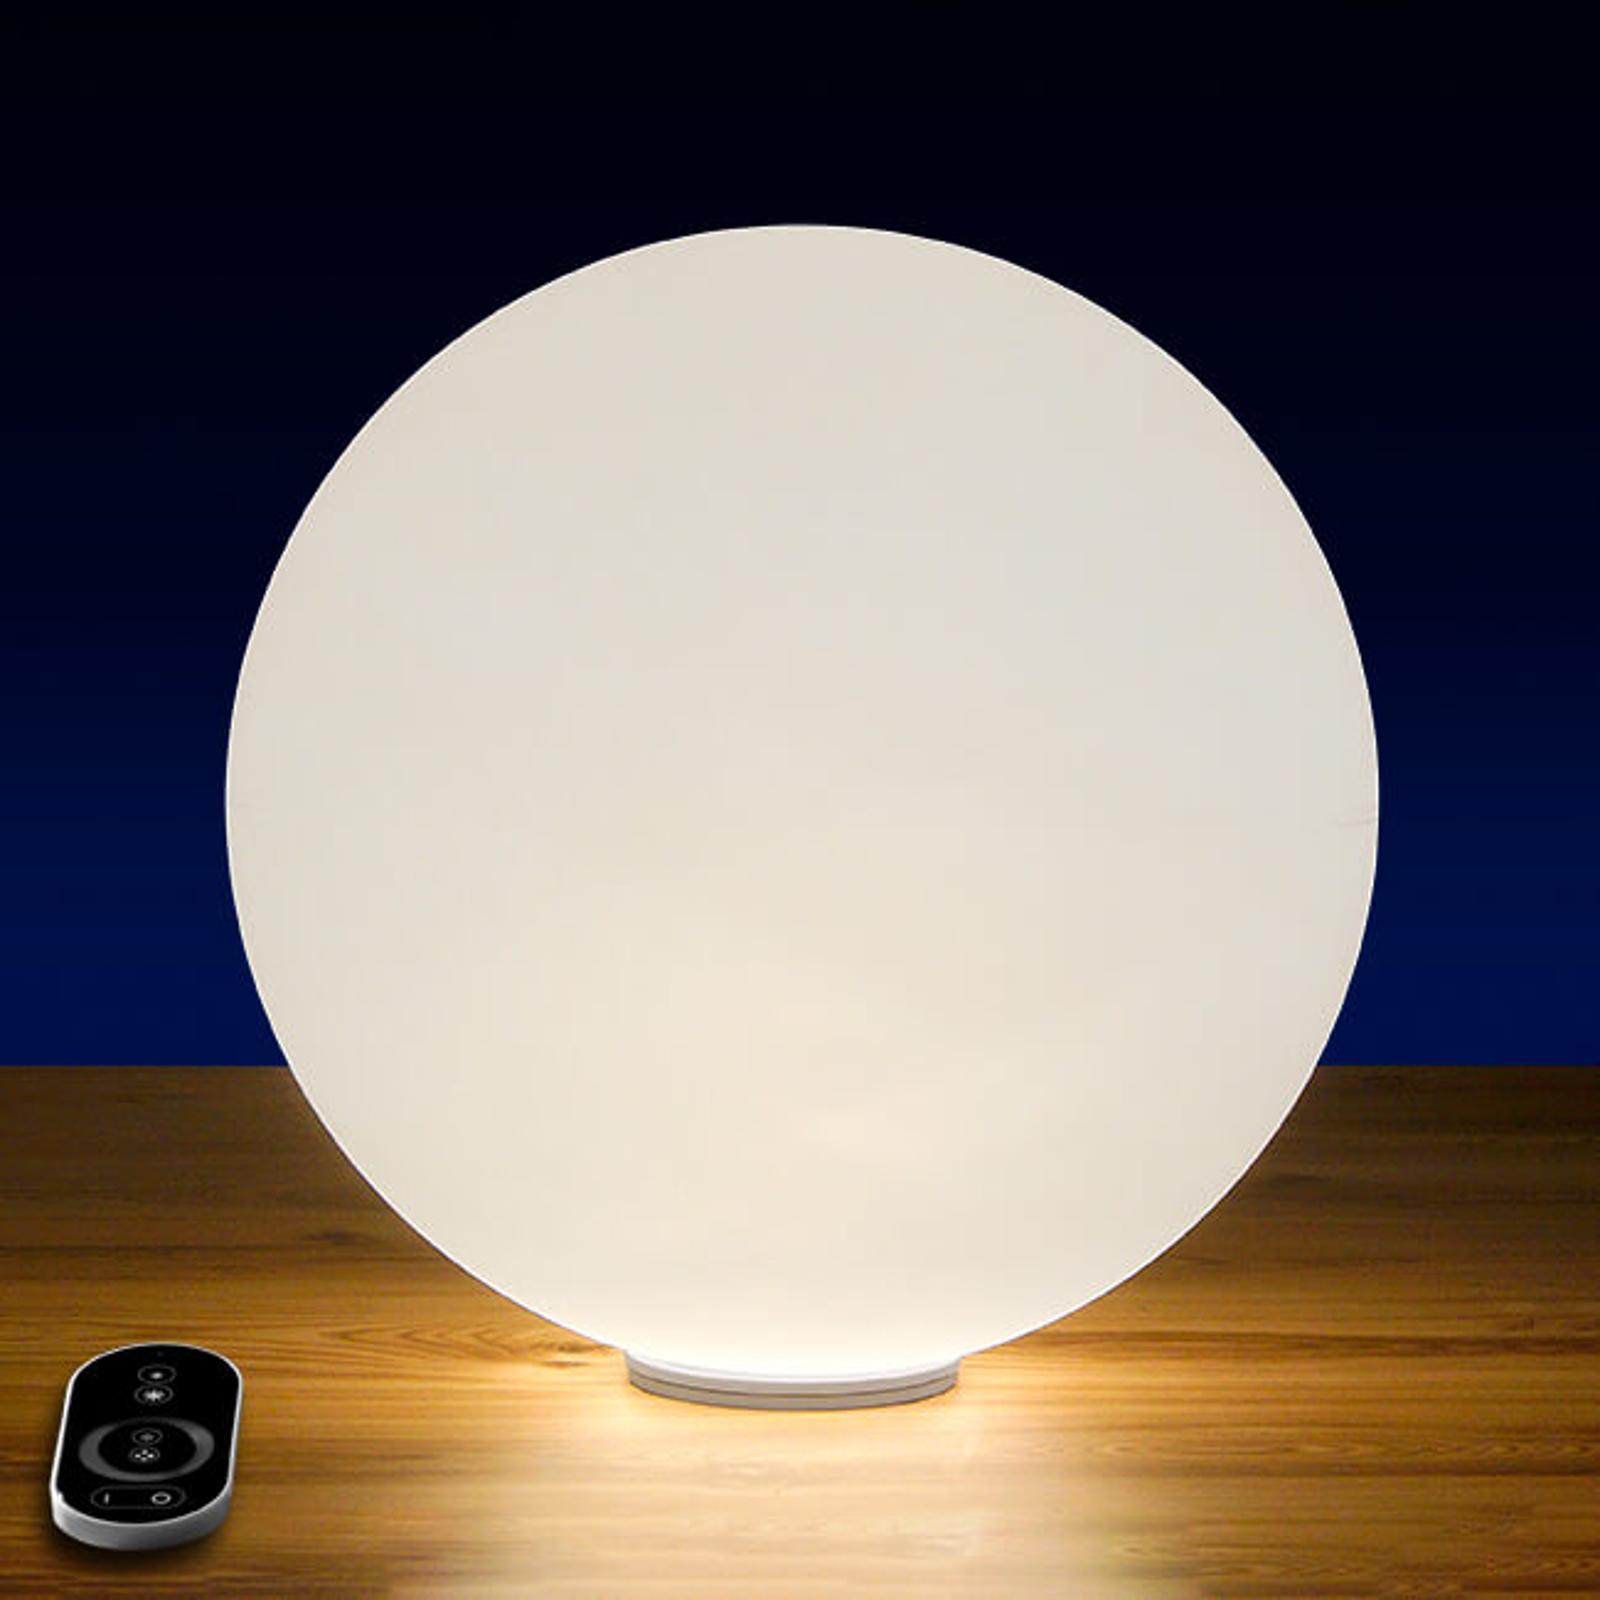 Sfera LED dimmerabile a batteria Snowball, 30 cm